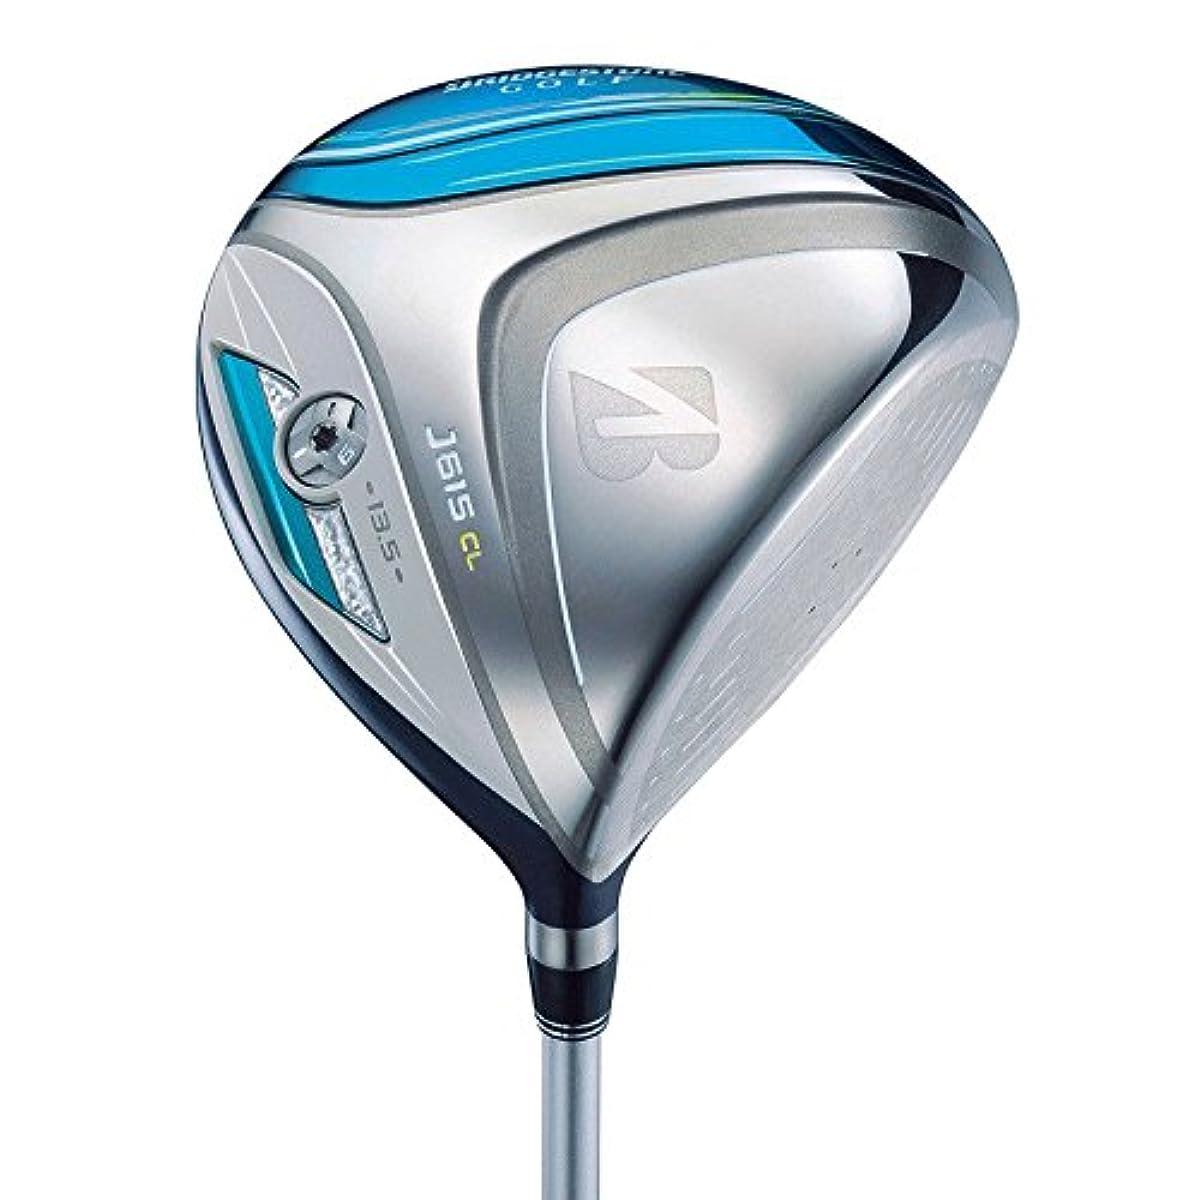 [해외] BRIDGESTONE(브리지스톤) 골프 드라이어이버 J615 CL CLFB1W 2015 J15-31W 카본 샤프트 플렉스:R 핸드:RIGHT 로프트각:11 샤프트 길이:44.5IN 번째:1W 라이각:60도